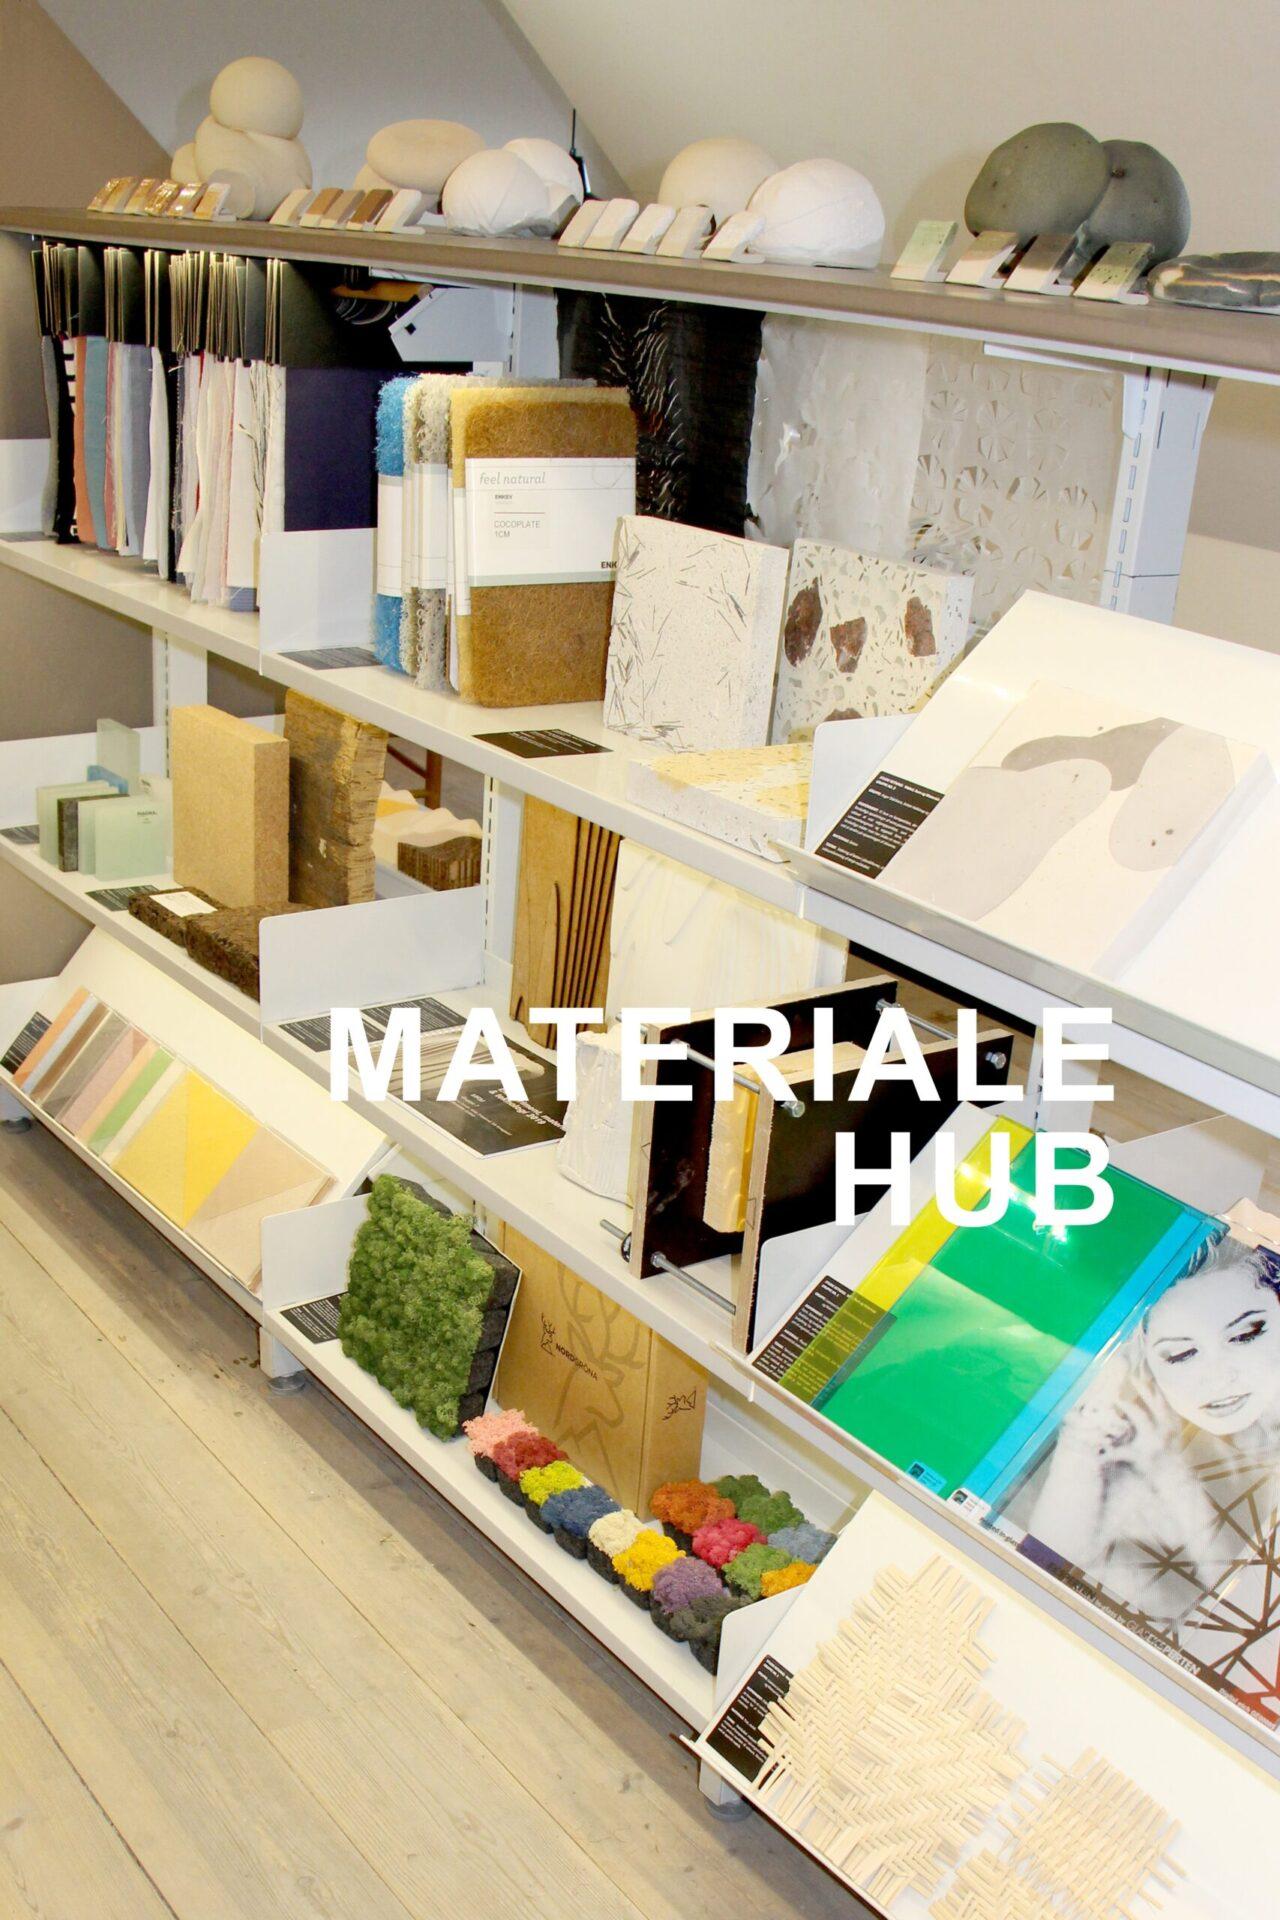 Materiale Hub